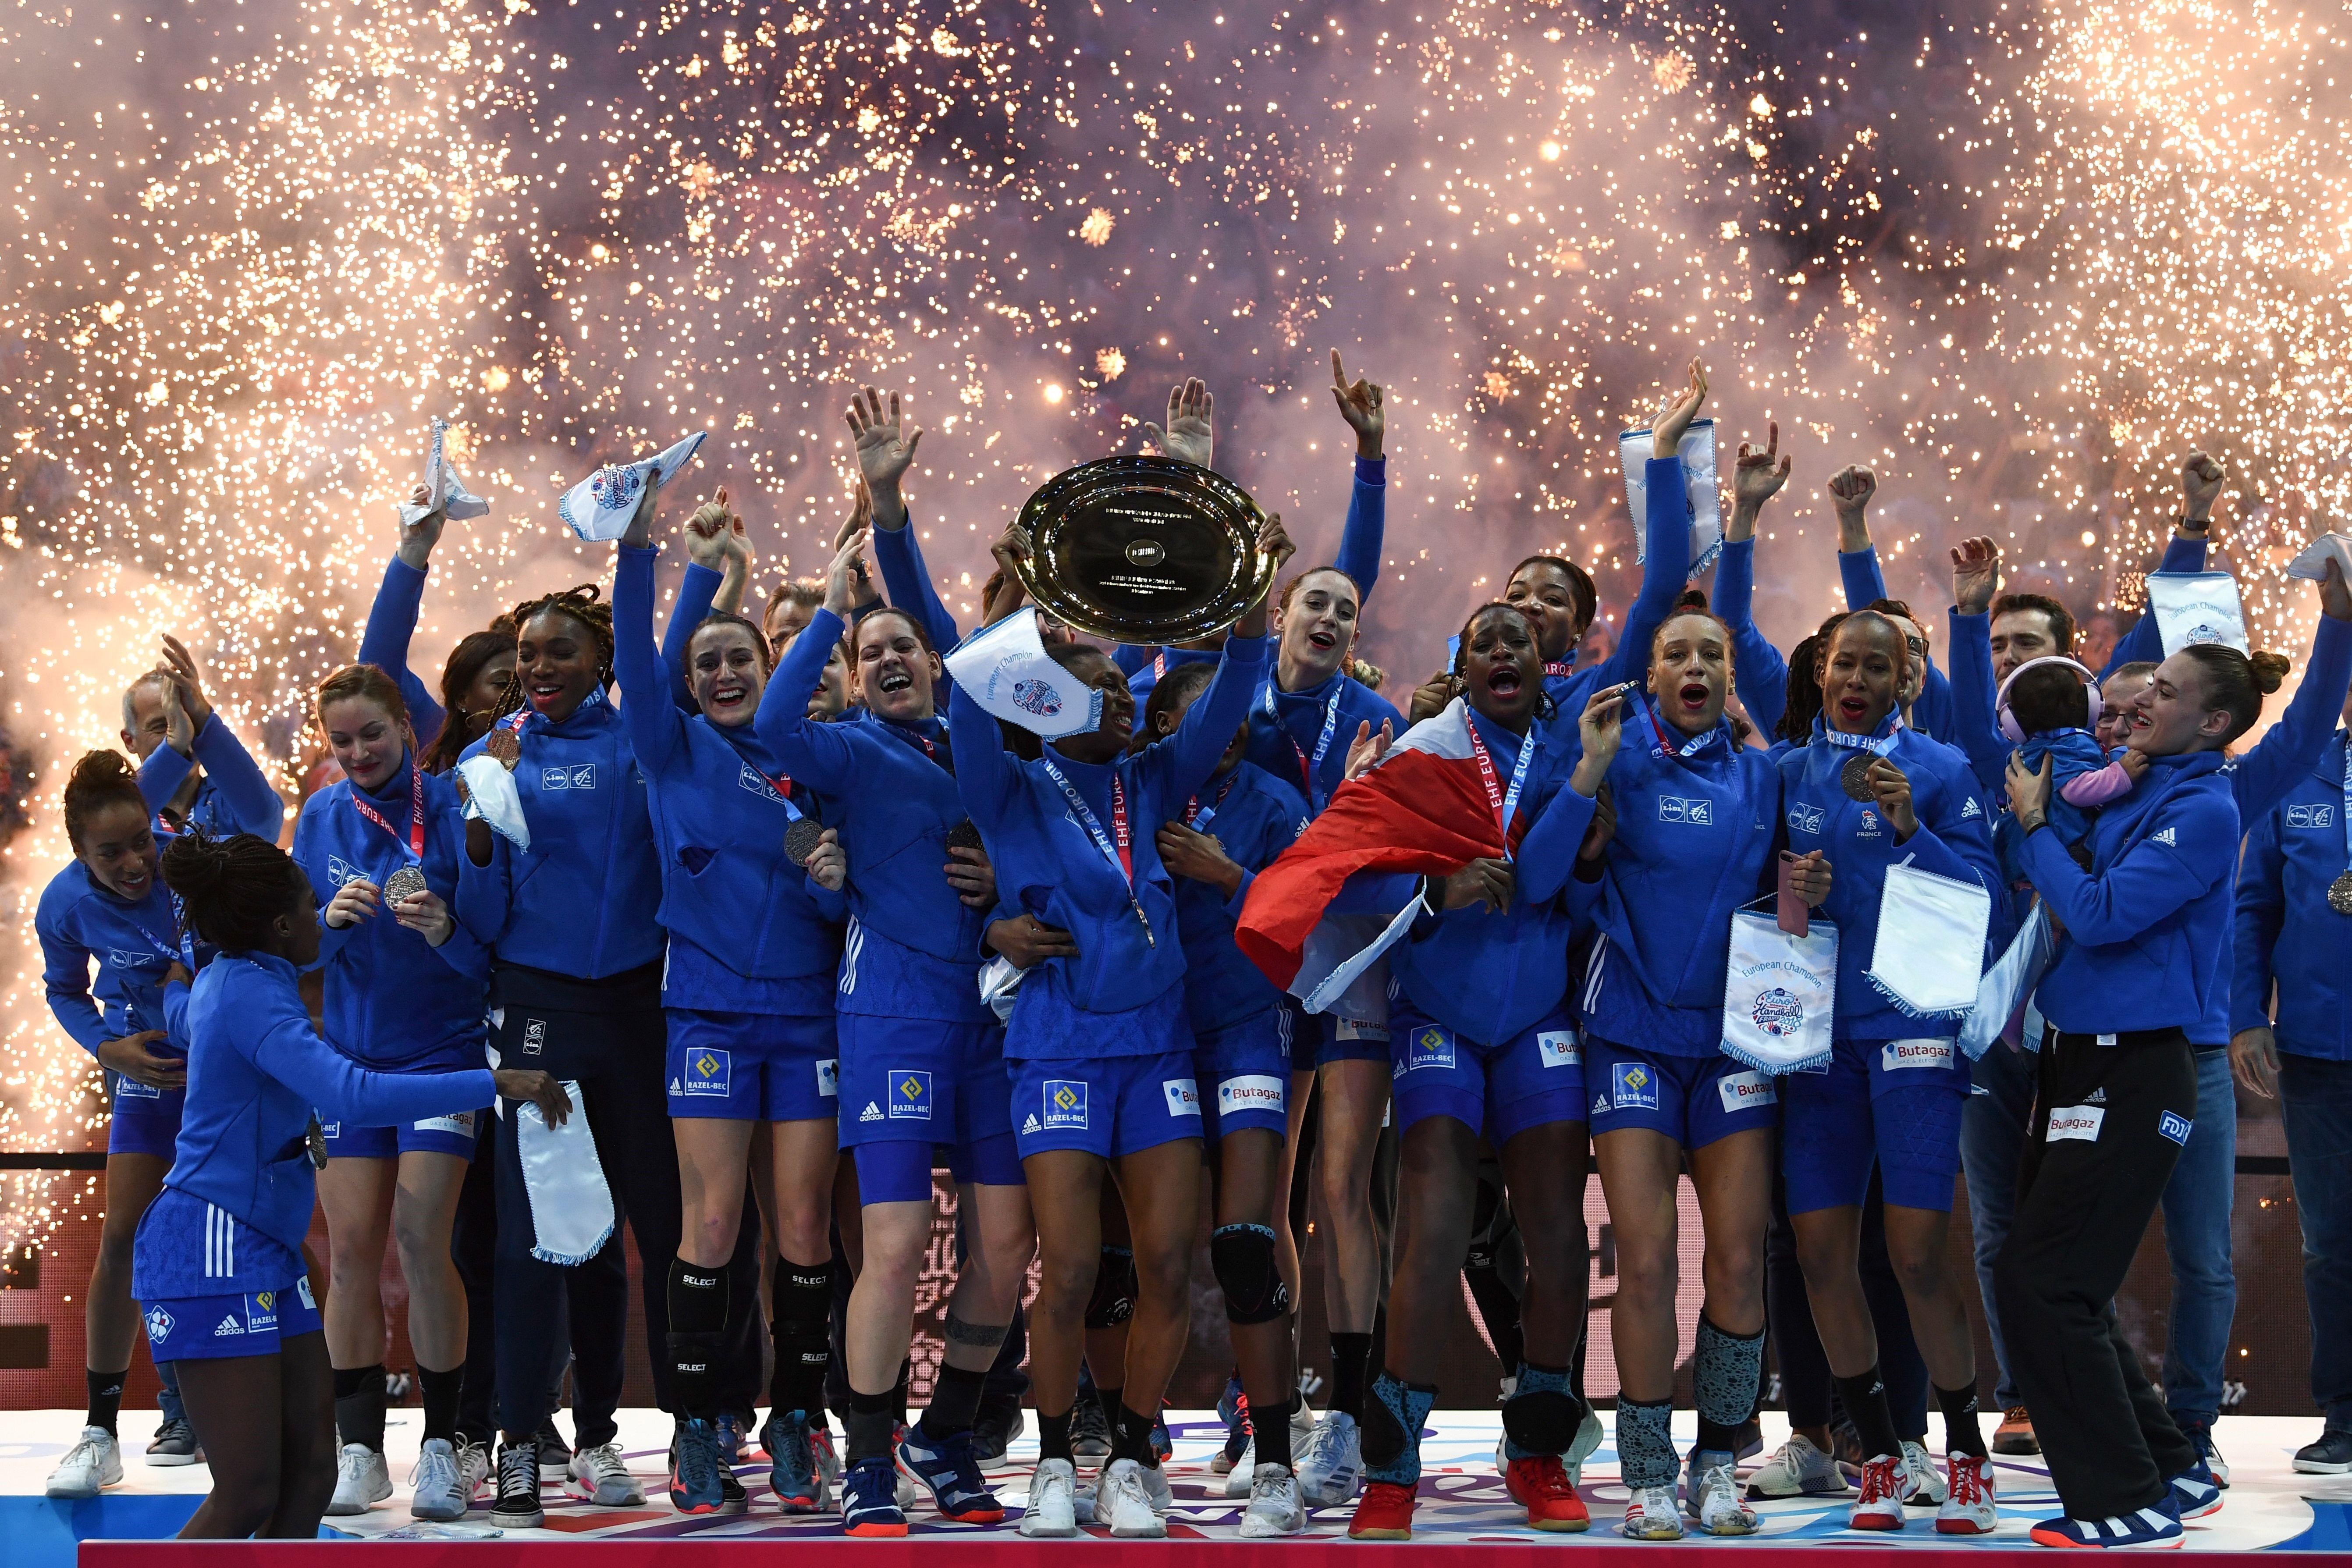 L'équipe de France de handball savoure son sacre lors de l'Euro 2018 à Bercy